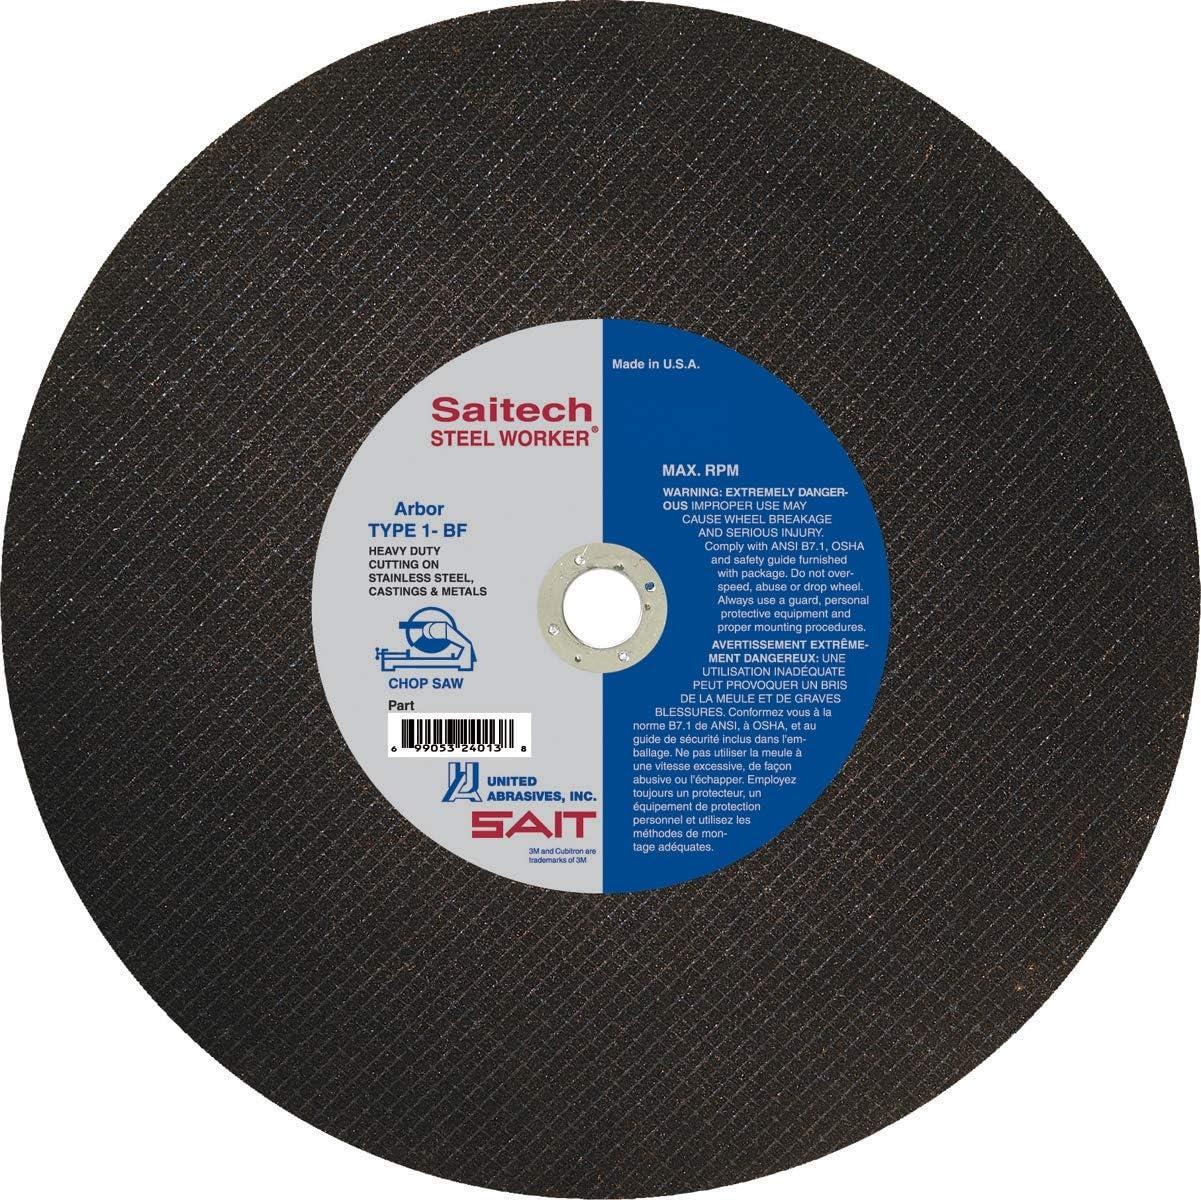 VSM 85820 Abrasive Belt 36 Grit Pack of 10 6 Width 132 Length VSM Abrasives Co. Coarse Grade 6 Width Cloth Backing Blue 132 Length Zirconia